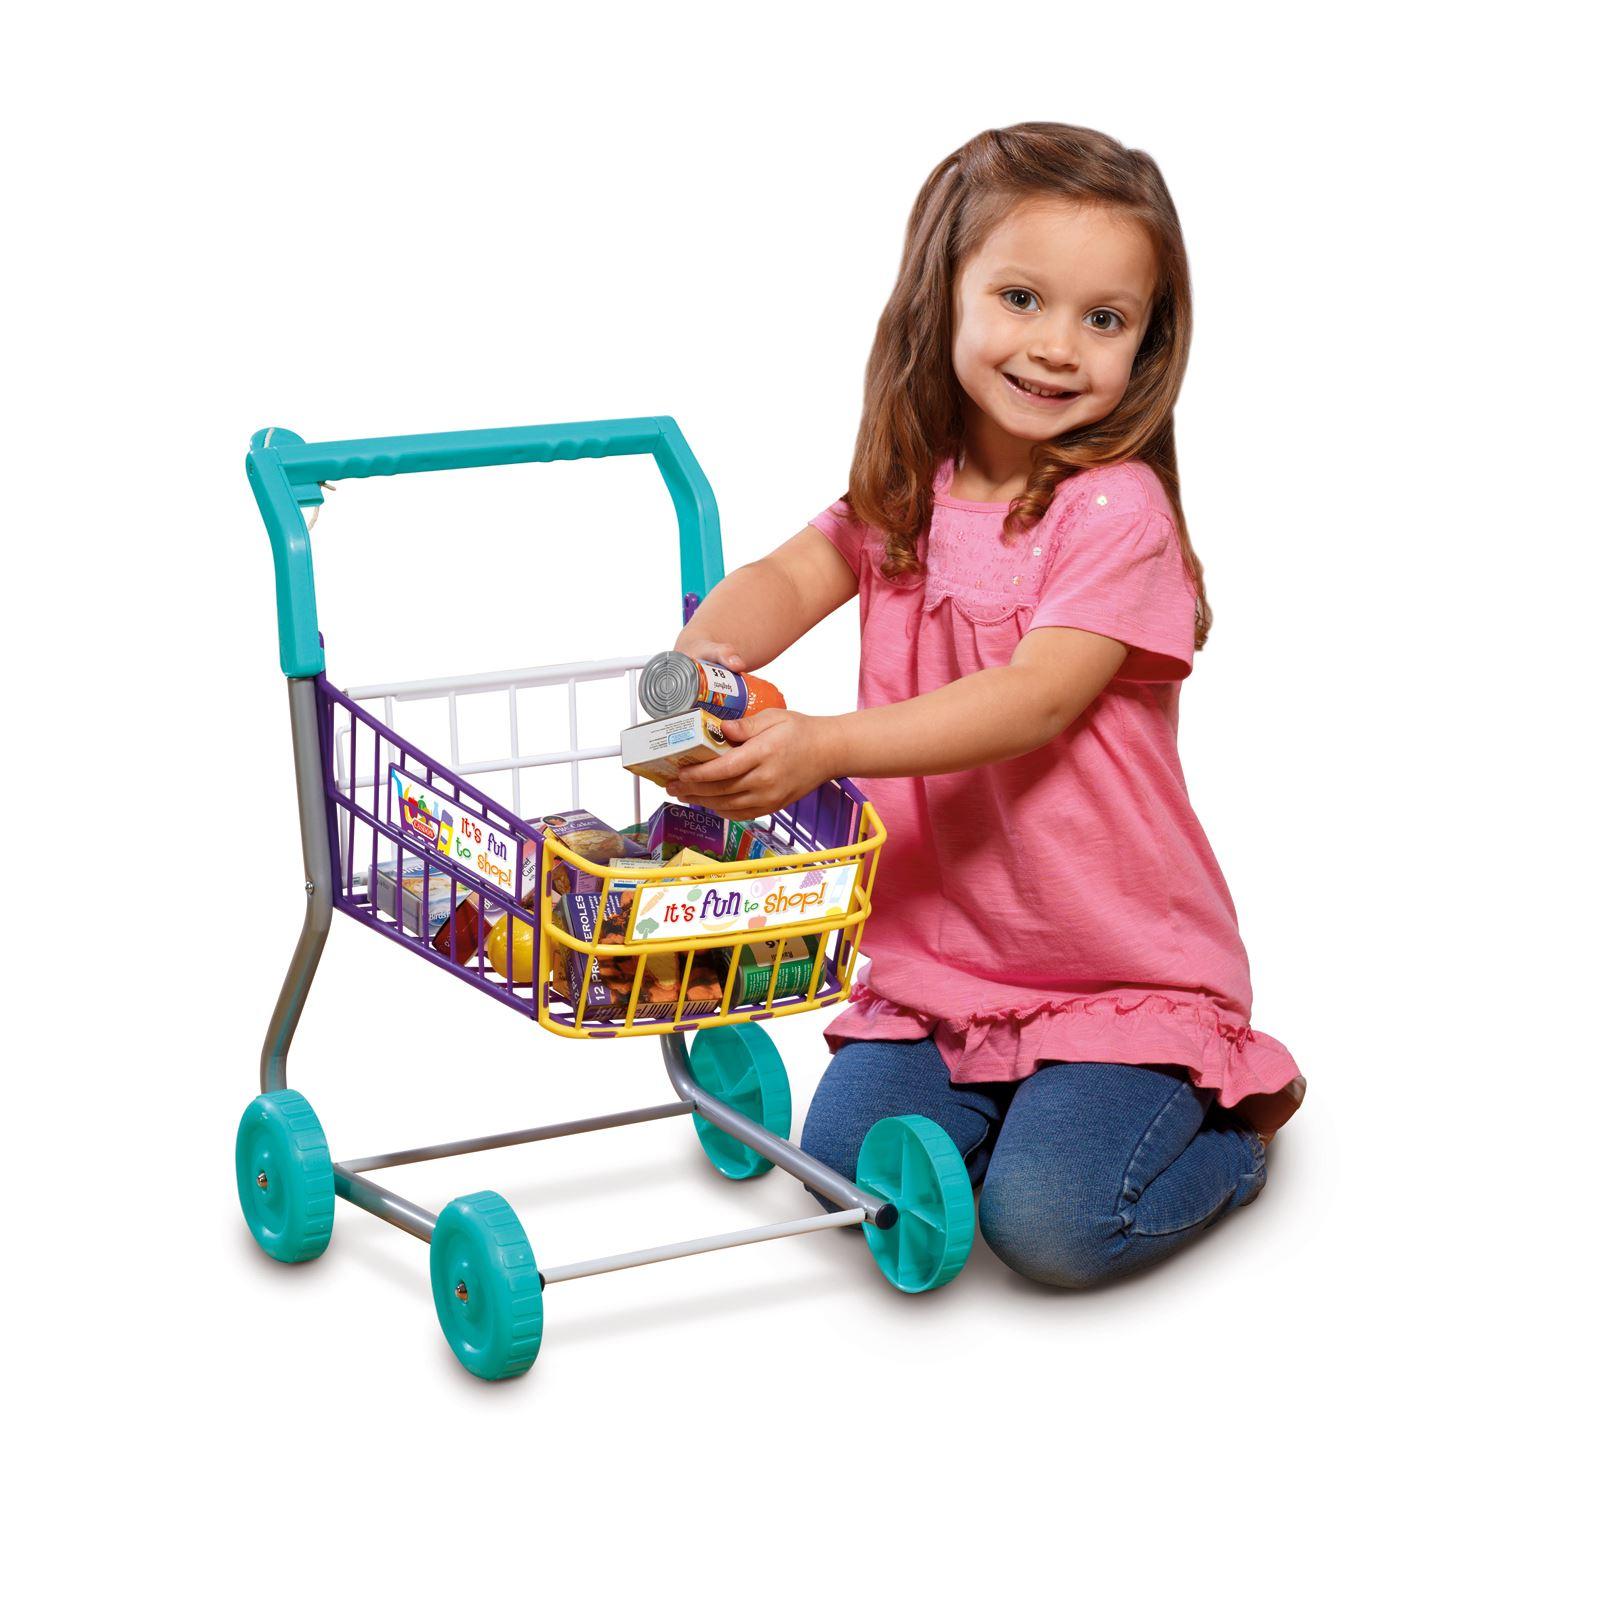 Casdon SHOPPING TROLLEY Little Shopper Role Play Pretend Food Kids Toy BN